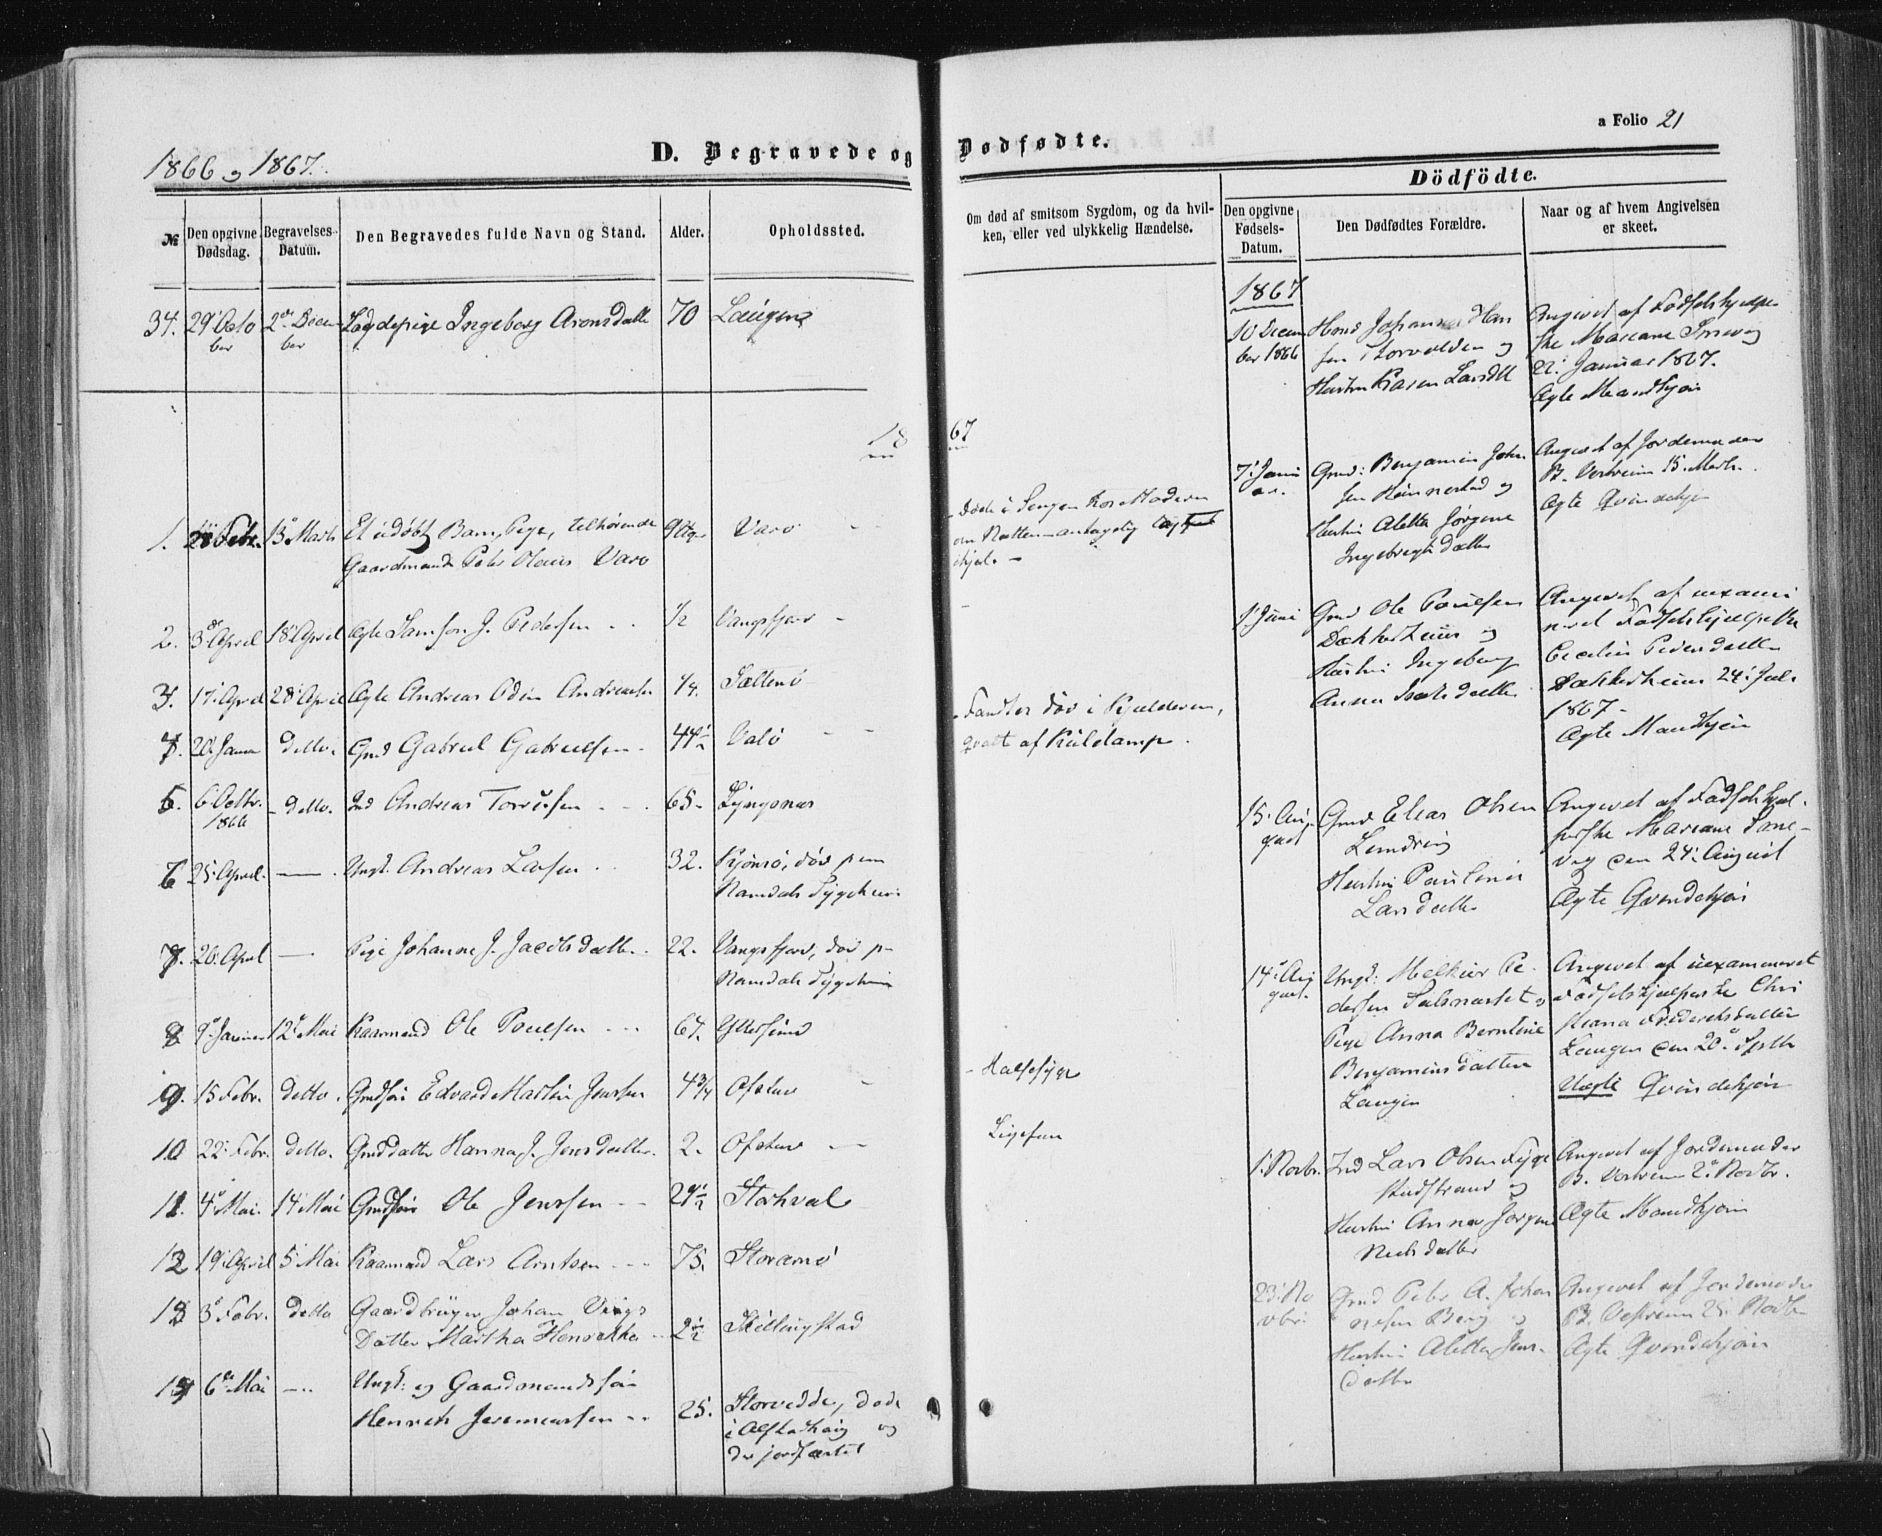 SAT, Ministerialprotokoller, klokkerbøker og fødselsregistre - Nord-Trøndelag, 784/L0670: Ministerialbok nr. 784A05, 1860-1876, s. 21